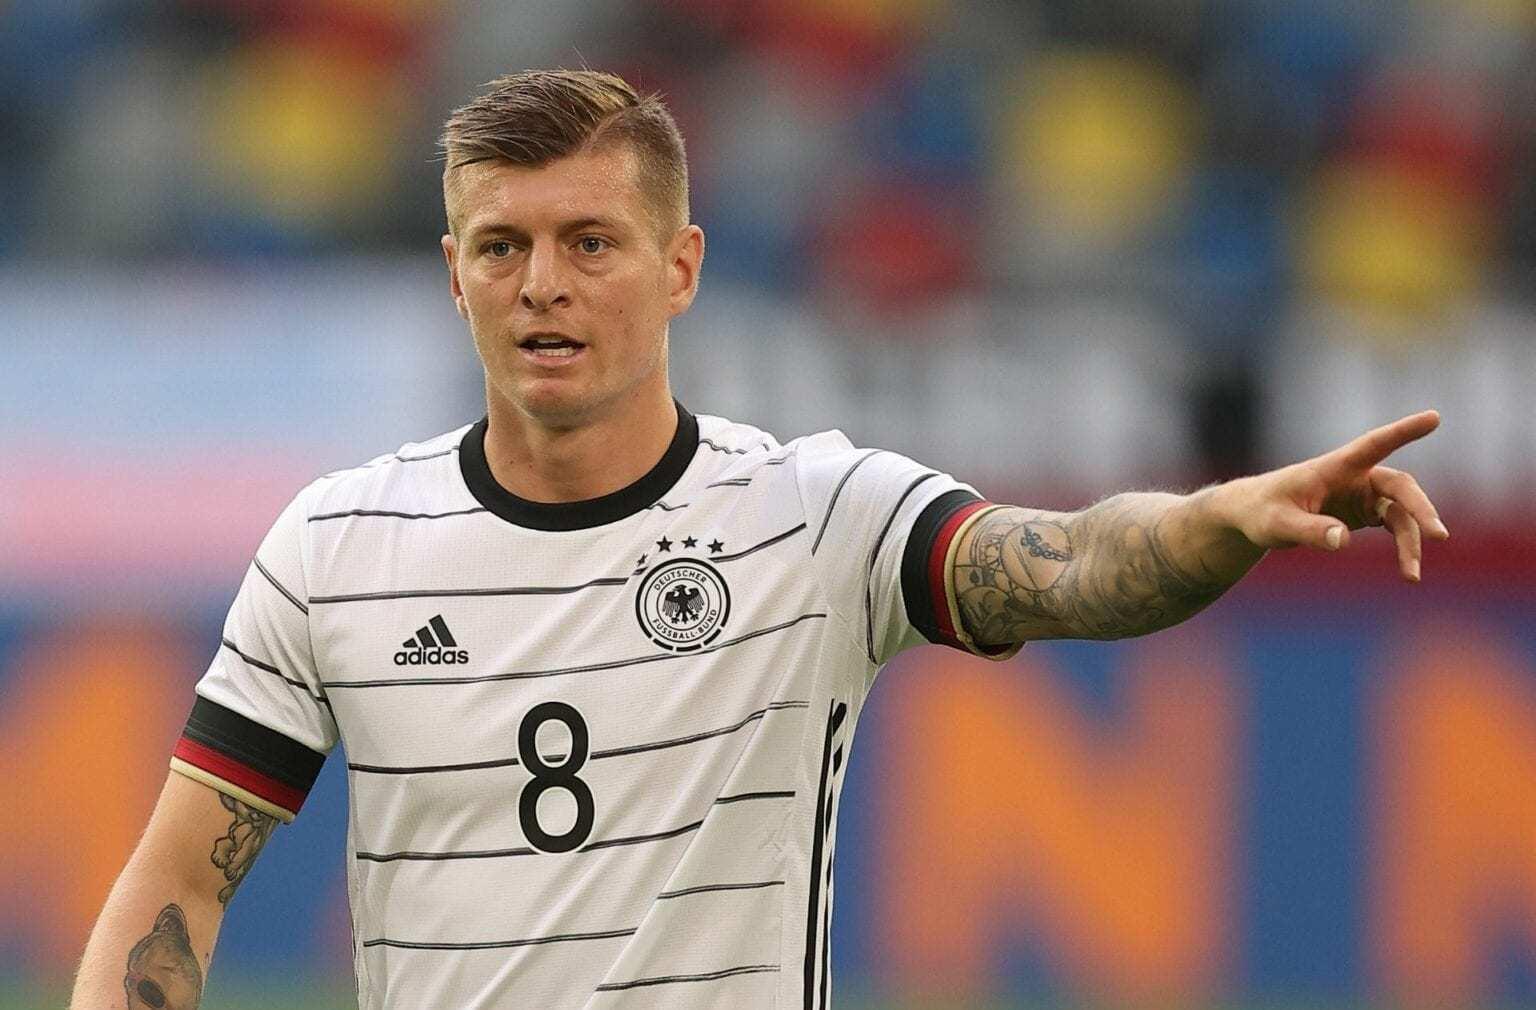 Tuyển Đức bị chỉ trích, Toni Kroos phá vỡ im lặng  - Bóng Đá